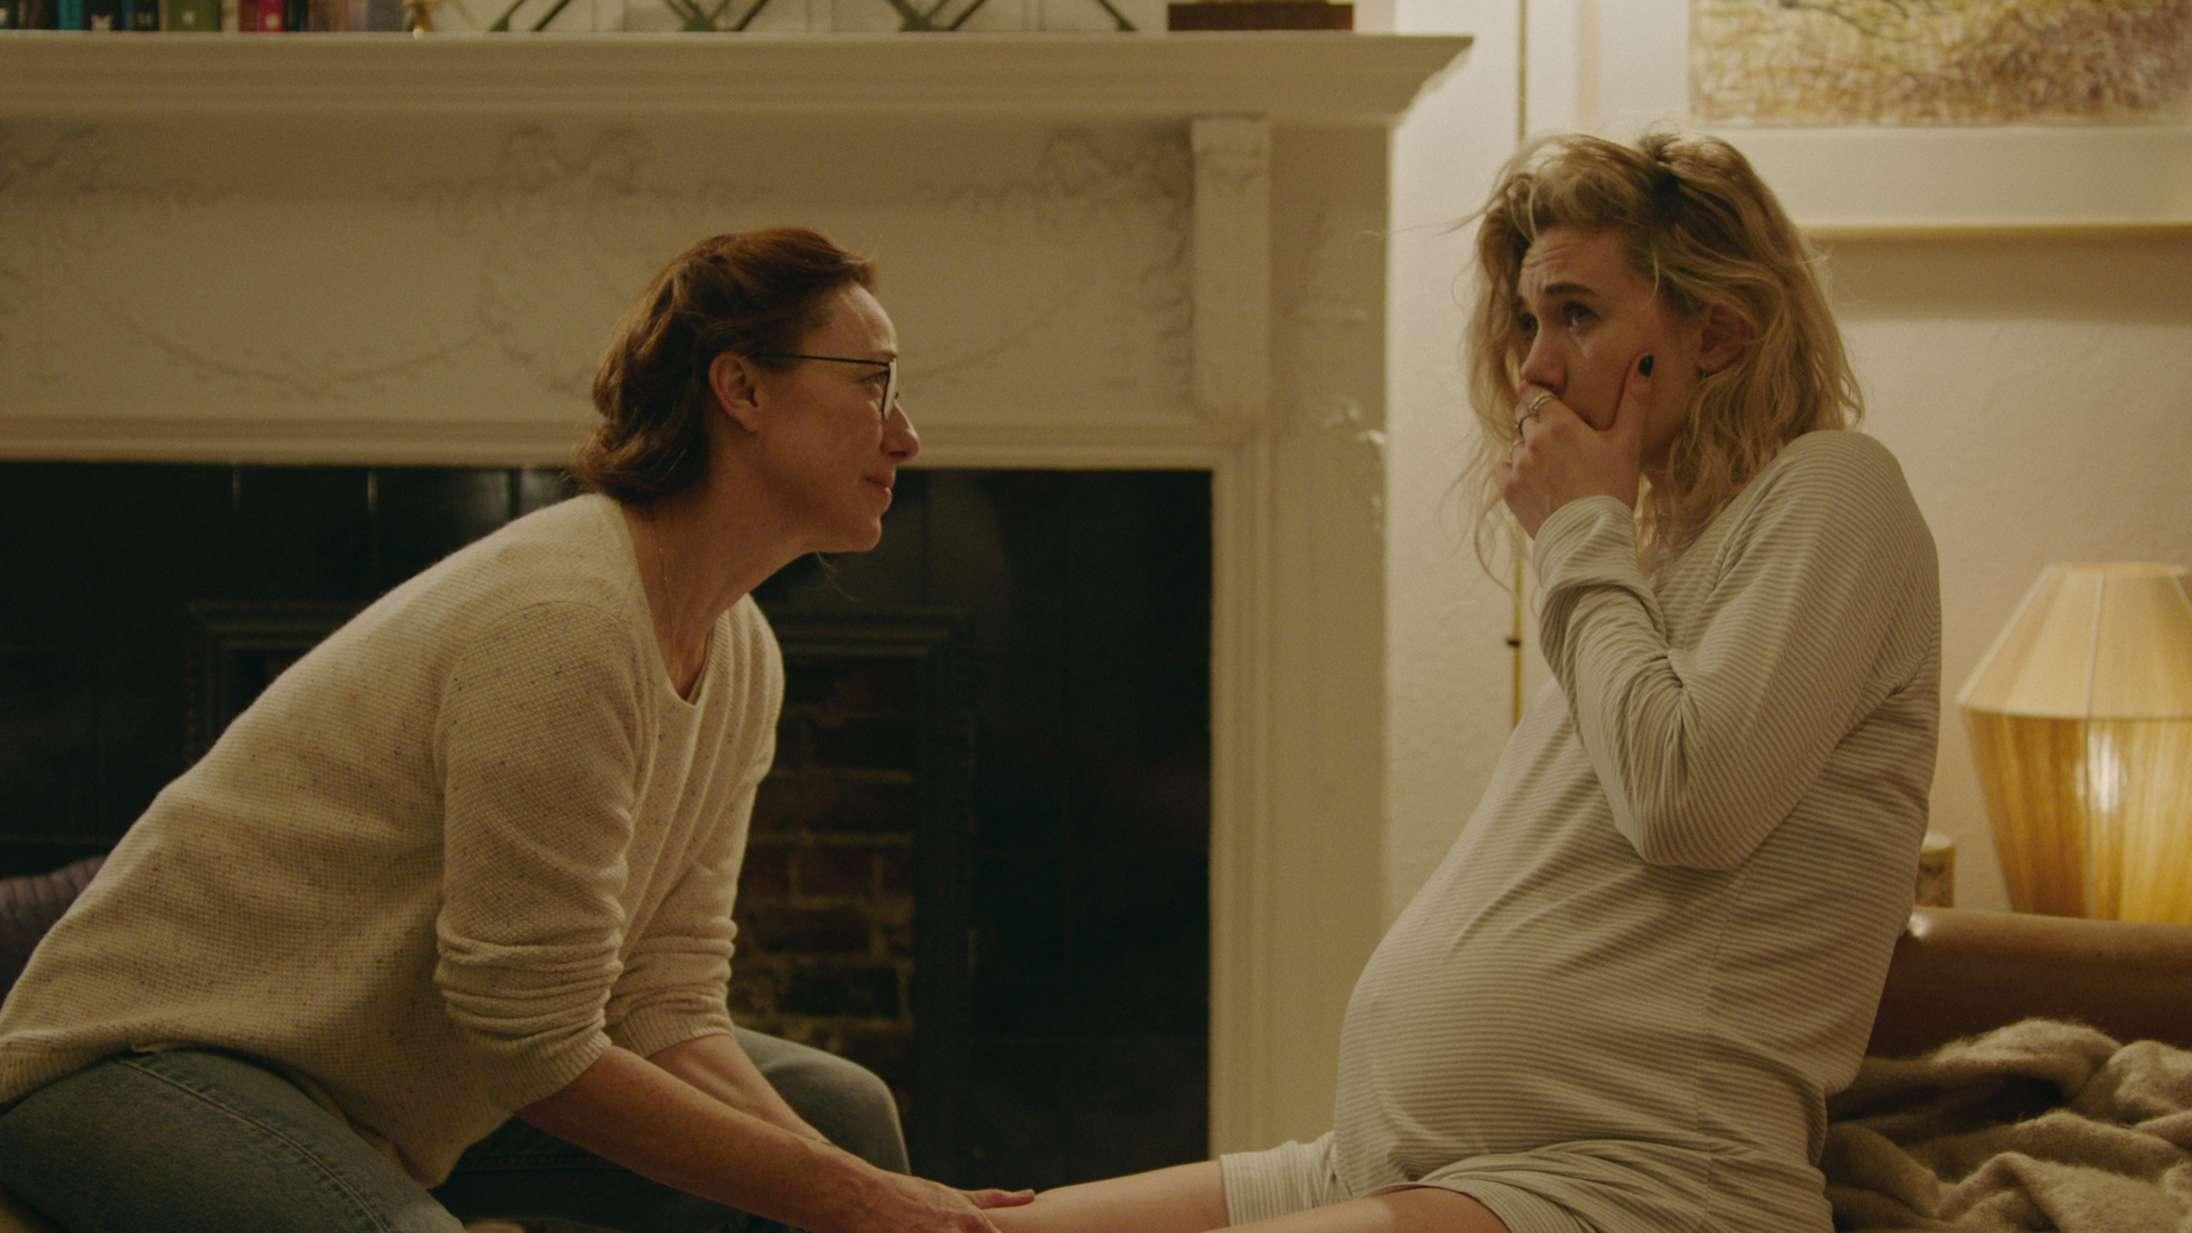 Bag en af de mest benhårde filmscener i nyere tid: Fødslen i 'Pieces of a Woman'